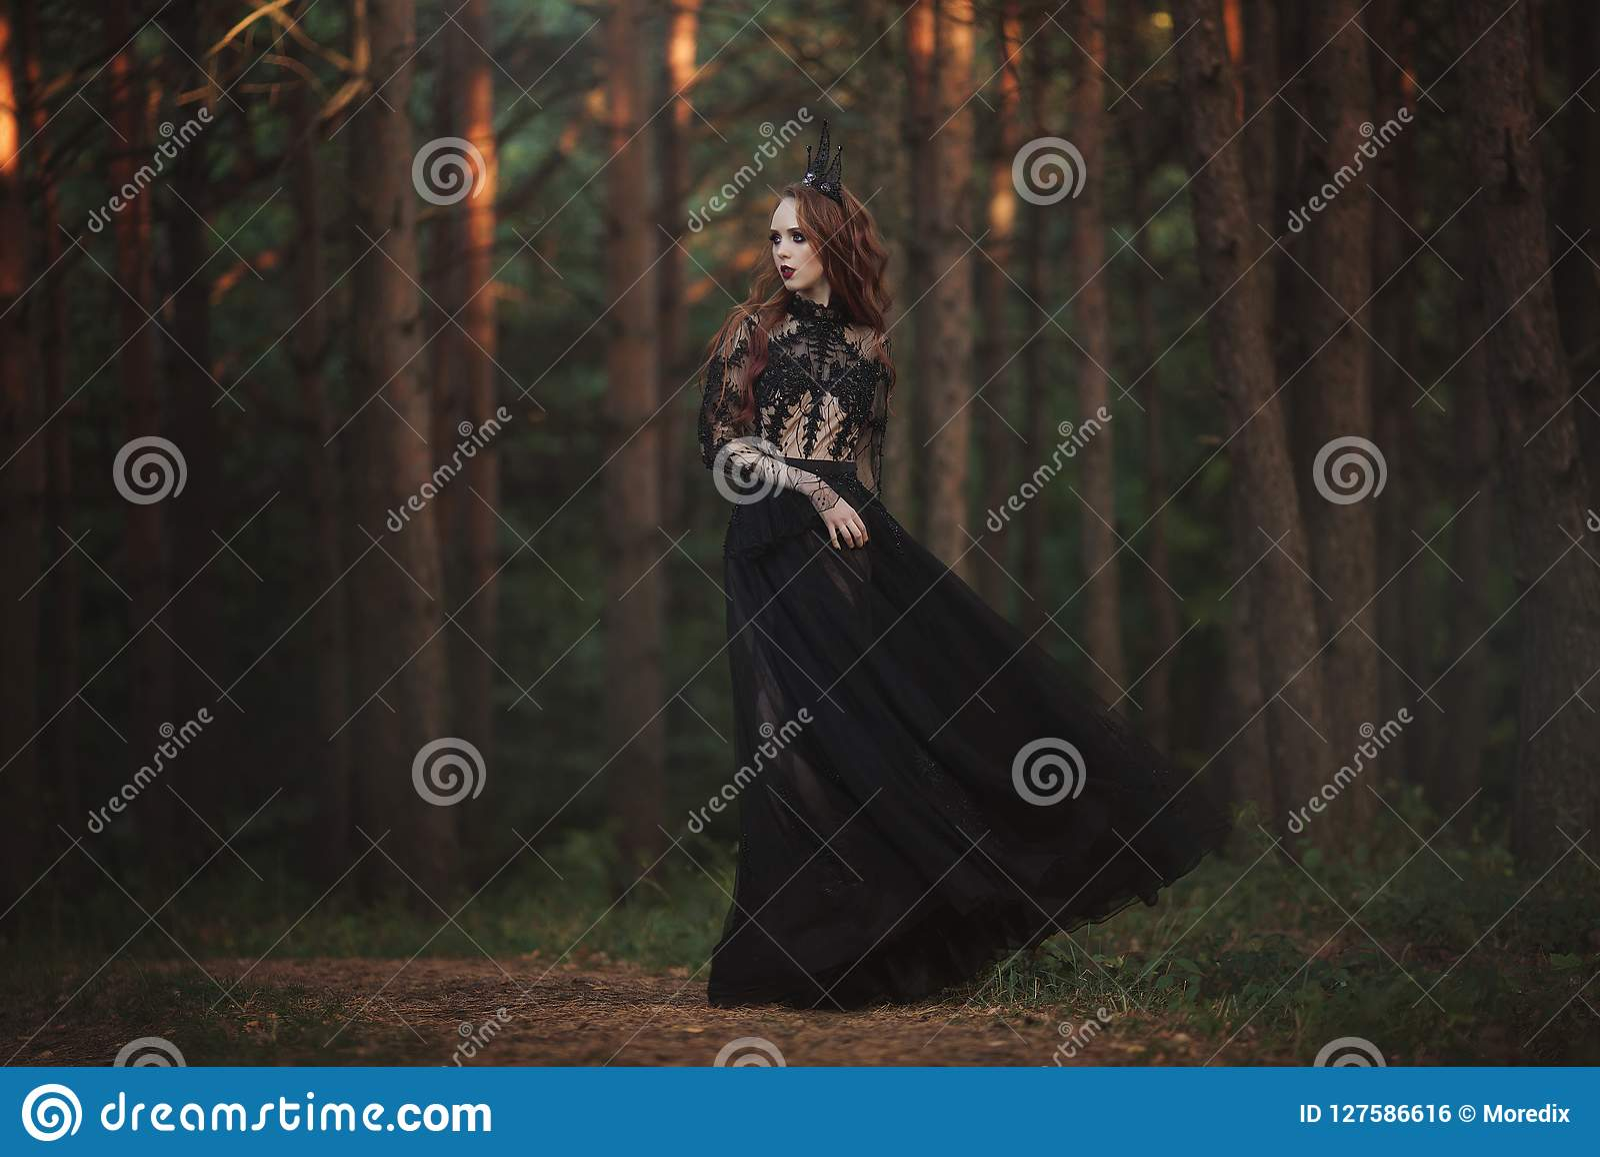 Une belle princesse gothique avec la peau pâle et les cheveux rouges très longs dans une couronne noire et une longue robe noire